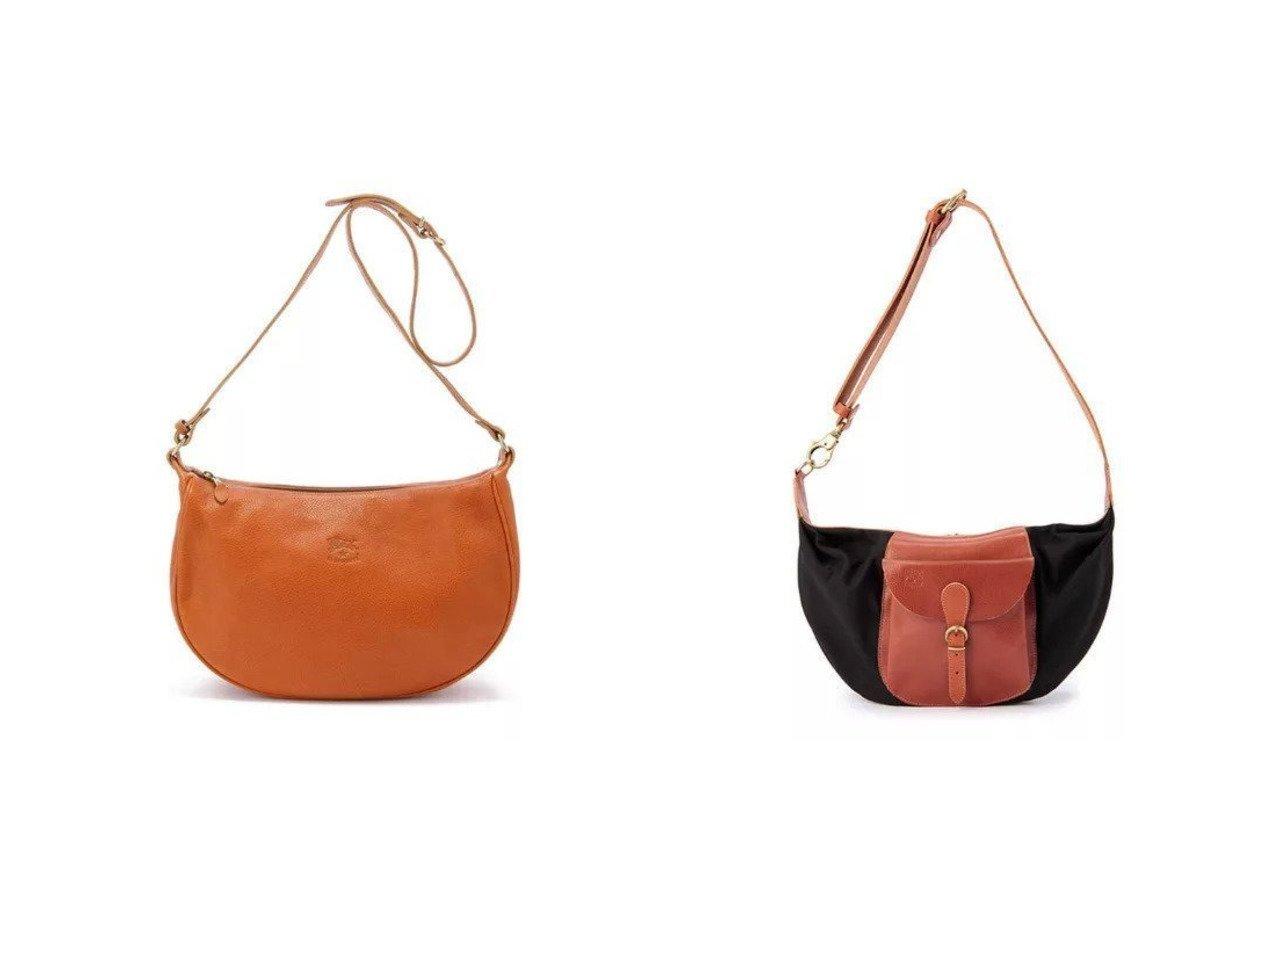 【IL BISONTE/イル ビゾンテ】のショルダーバッグ&ショルダーバッグ 【バッグ・鞄】おすすめ!人気、トレンド・レディースファッションの通販 おすすめで人気の流行・トレンド、ファッションの通販商品 インテリア・家具・メンズファッション・キッズファッション・レディースファッション・服の通販 founy(ファニー) https://founy.com/ ファッション Fashion レディースファッション WOMEN バッグ Bag フォルム ラウンド 人気 キャンバス ショルダー ポーチ 定番 Standard  ID:crp329100000047566